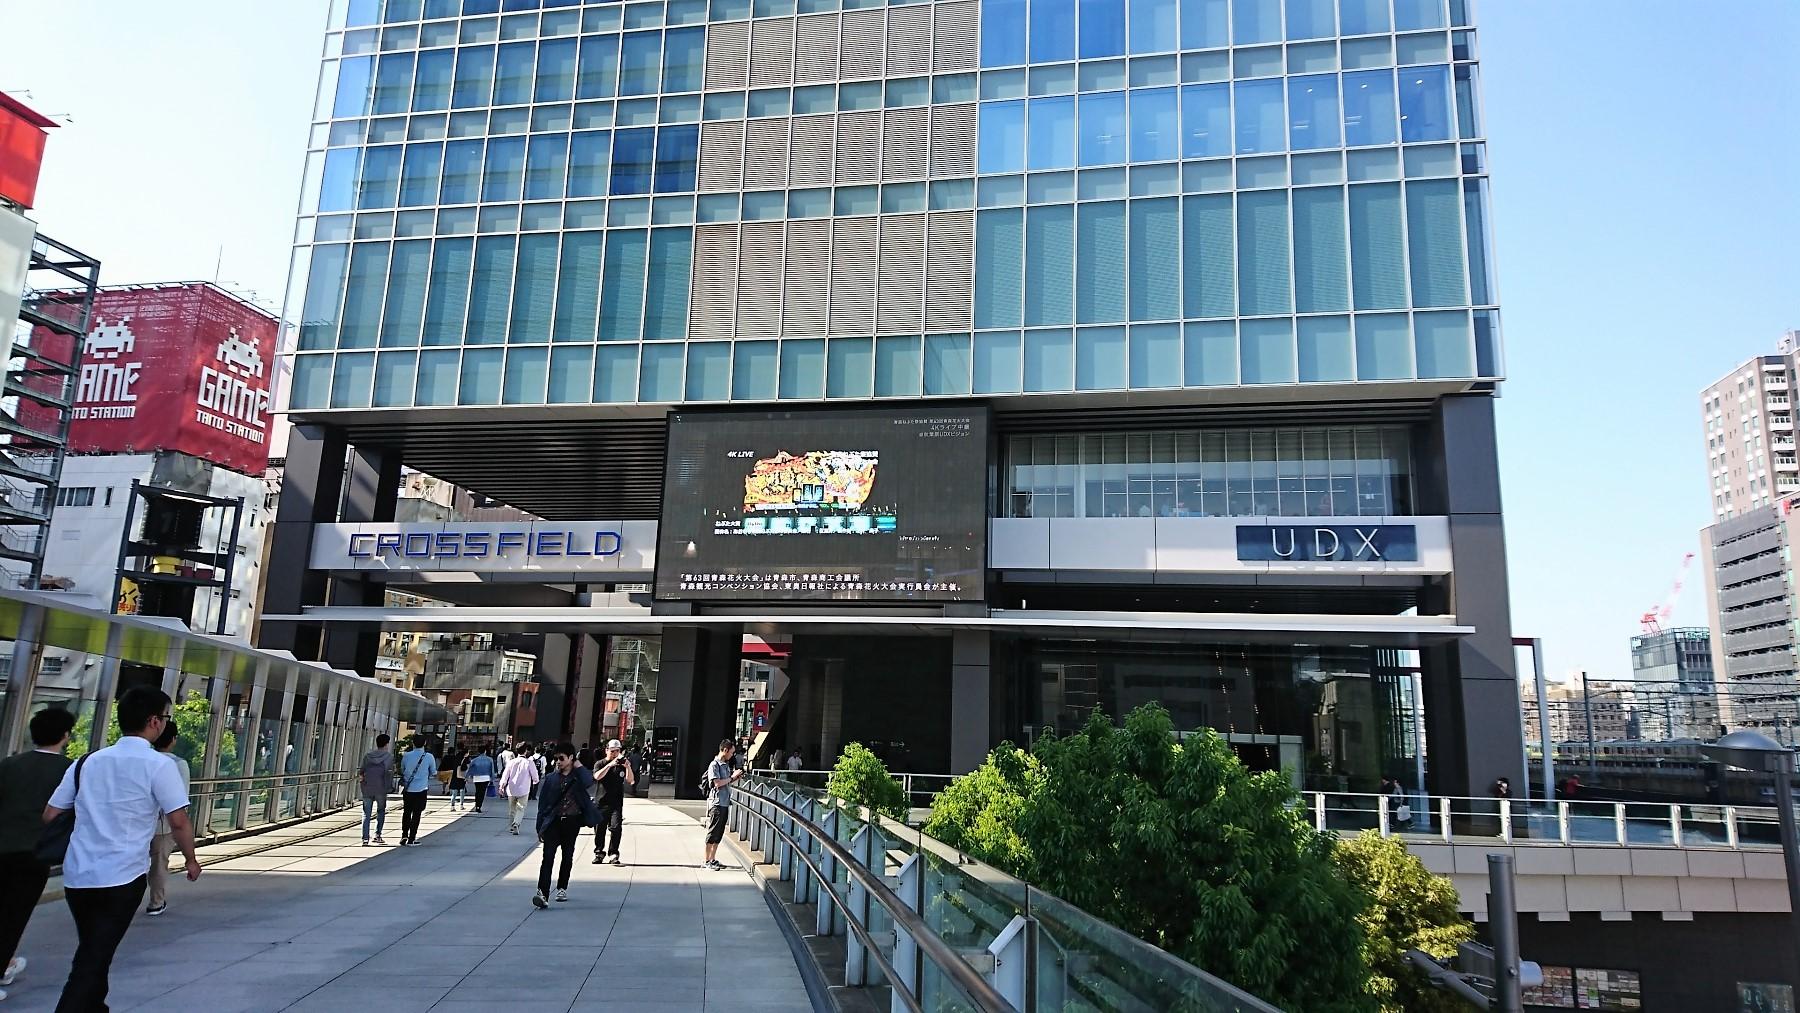 「街」のデジタルサイネージ(秋葉原編)09_UDX02